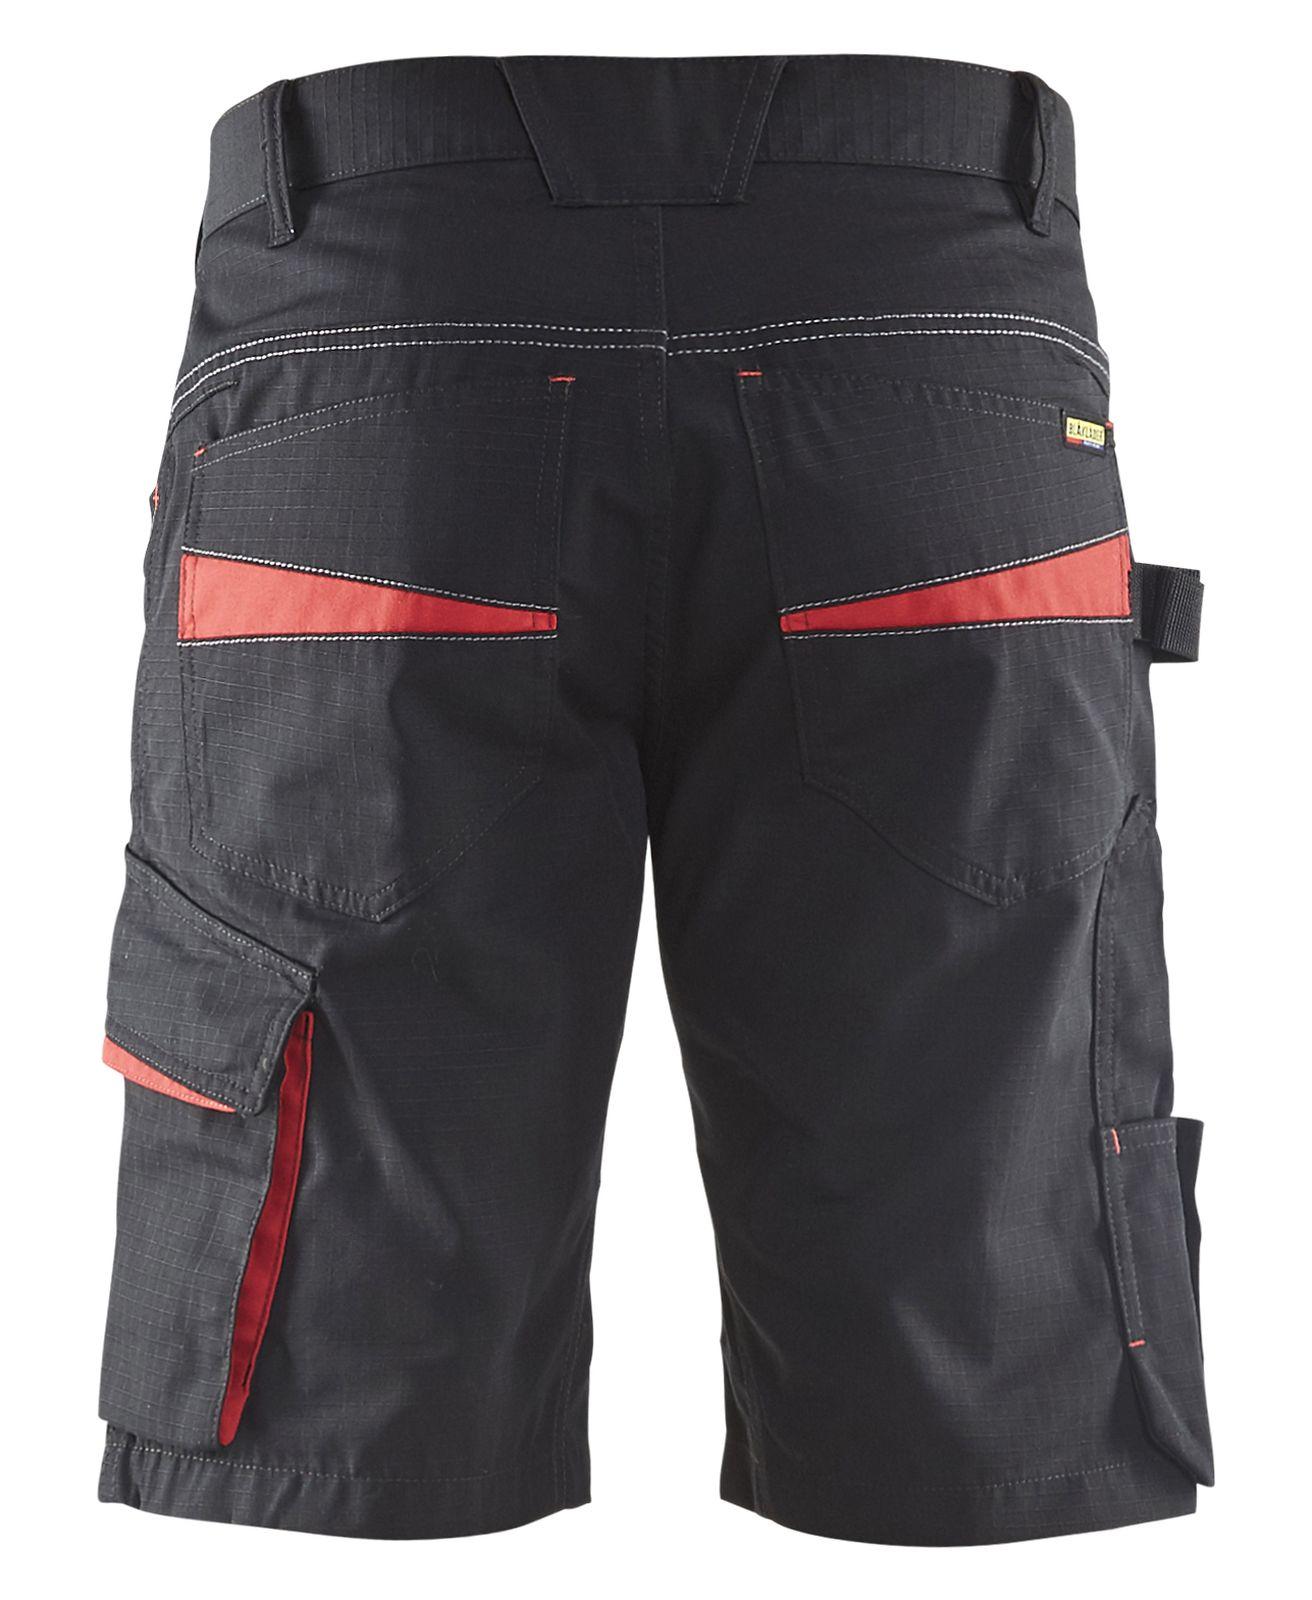 Blaklader Broeken 14991330 zwart-rood(9956)